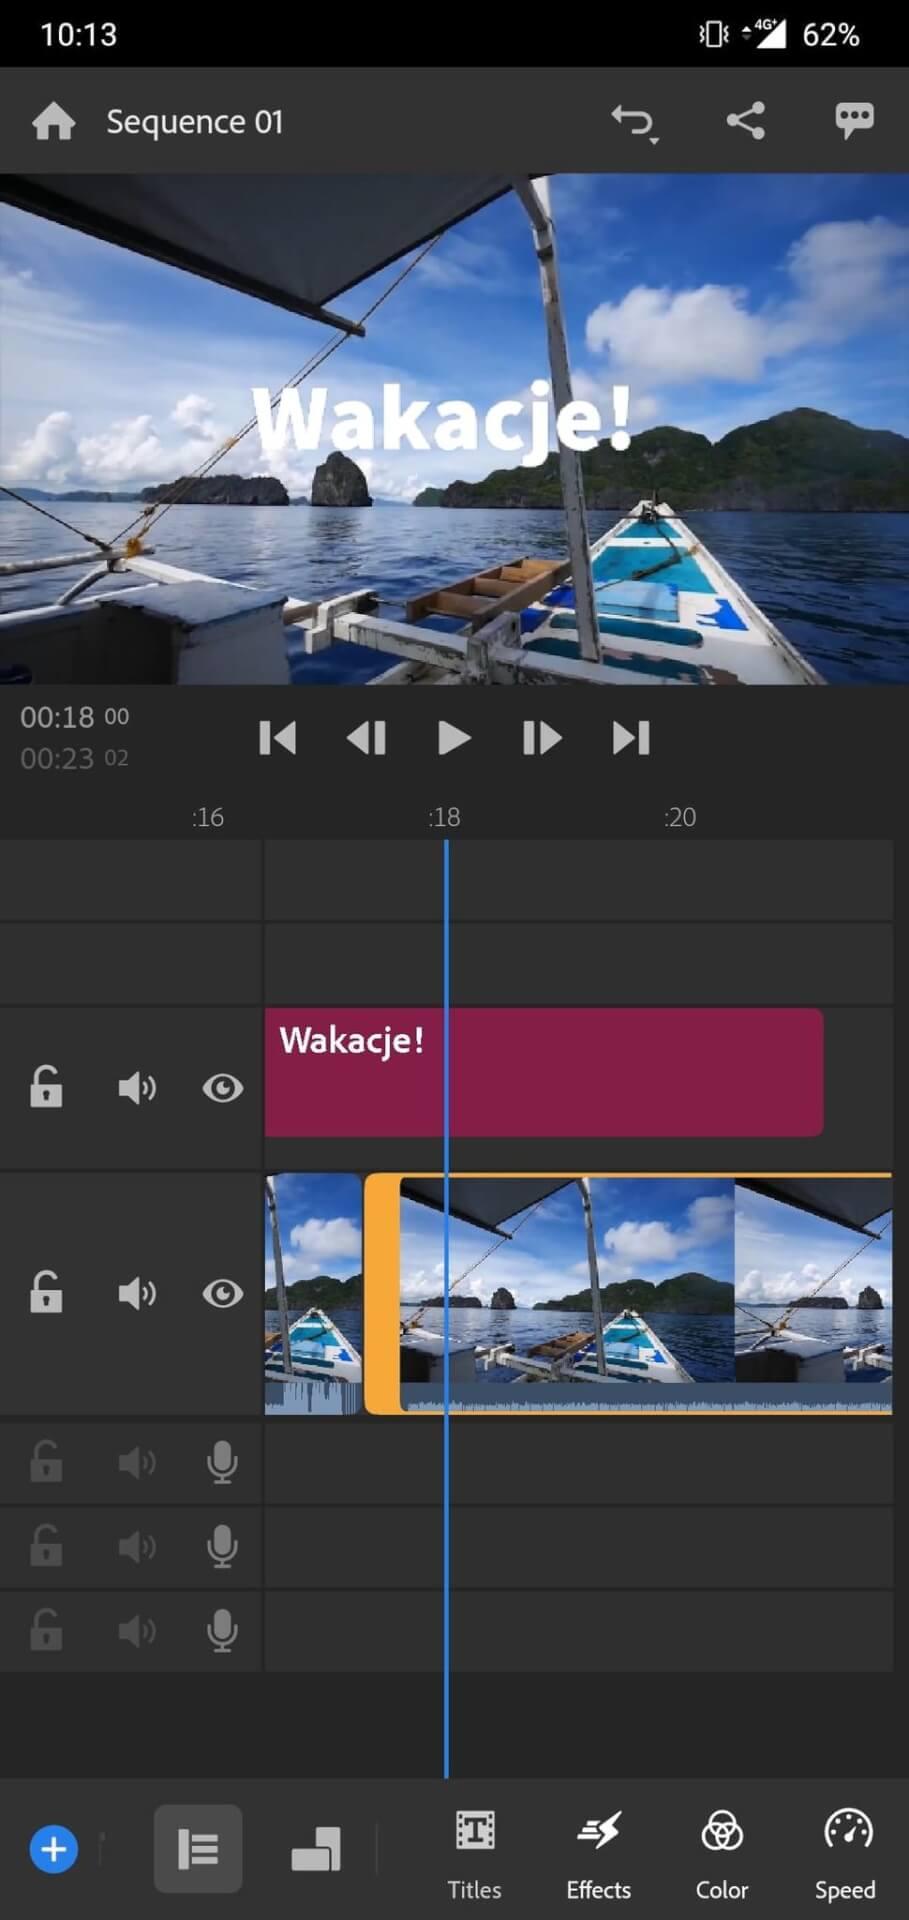 Ekran aplikacji mobilnej do obróbki filmów.